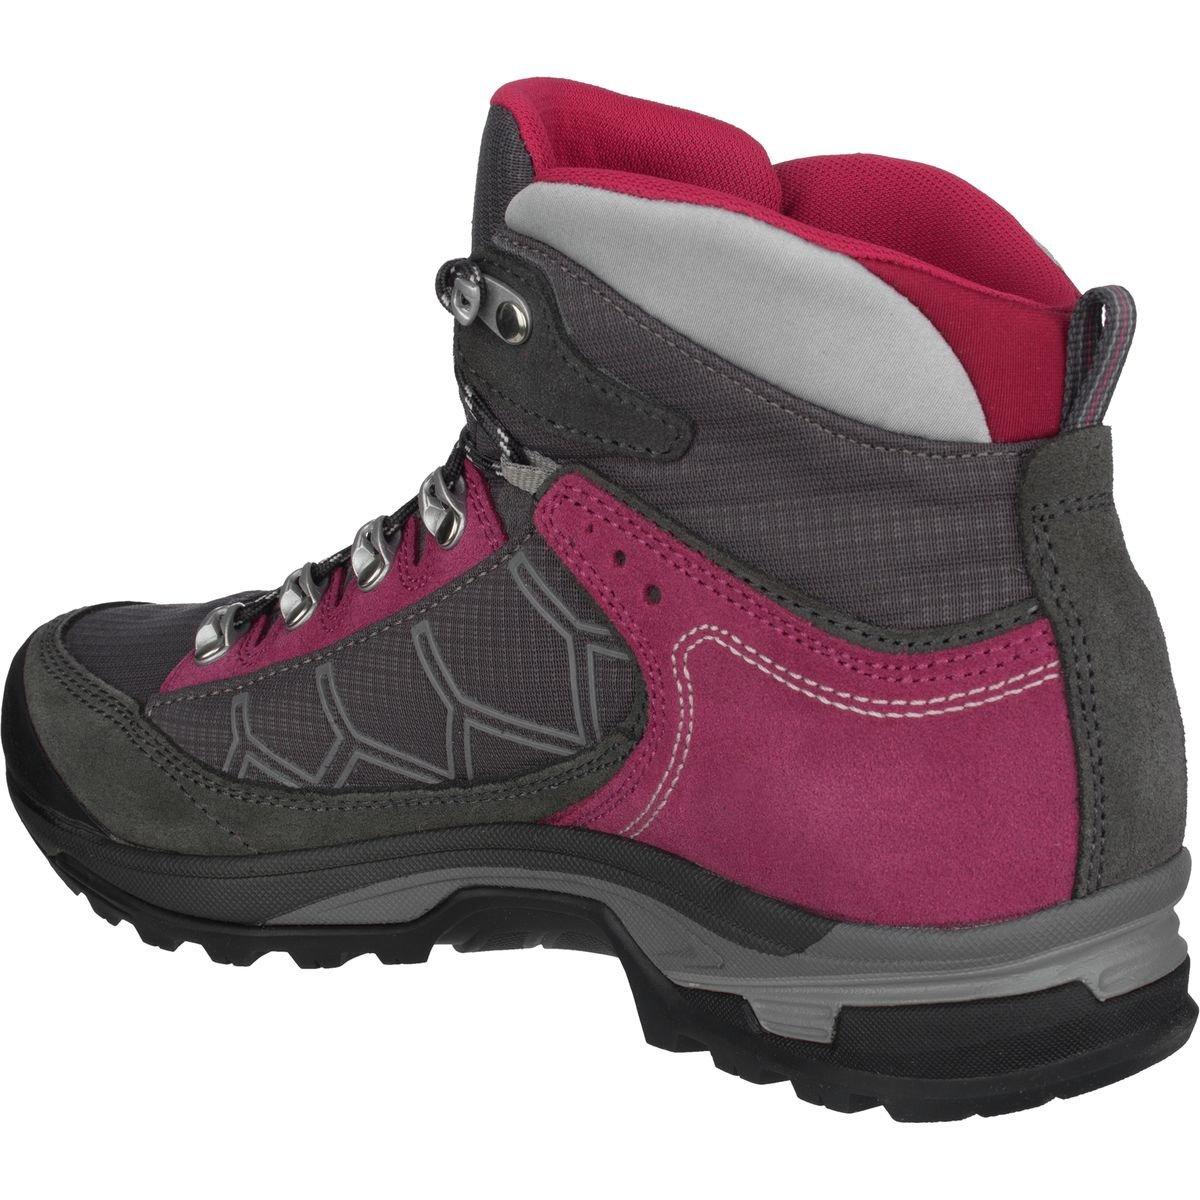 Asolo Women Falcon GV Hiking Boots B00WE3IUVM 9 B(M) US|Graphite/Graphite